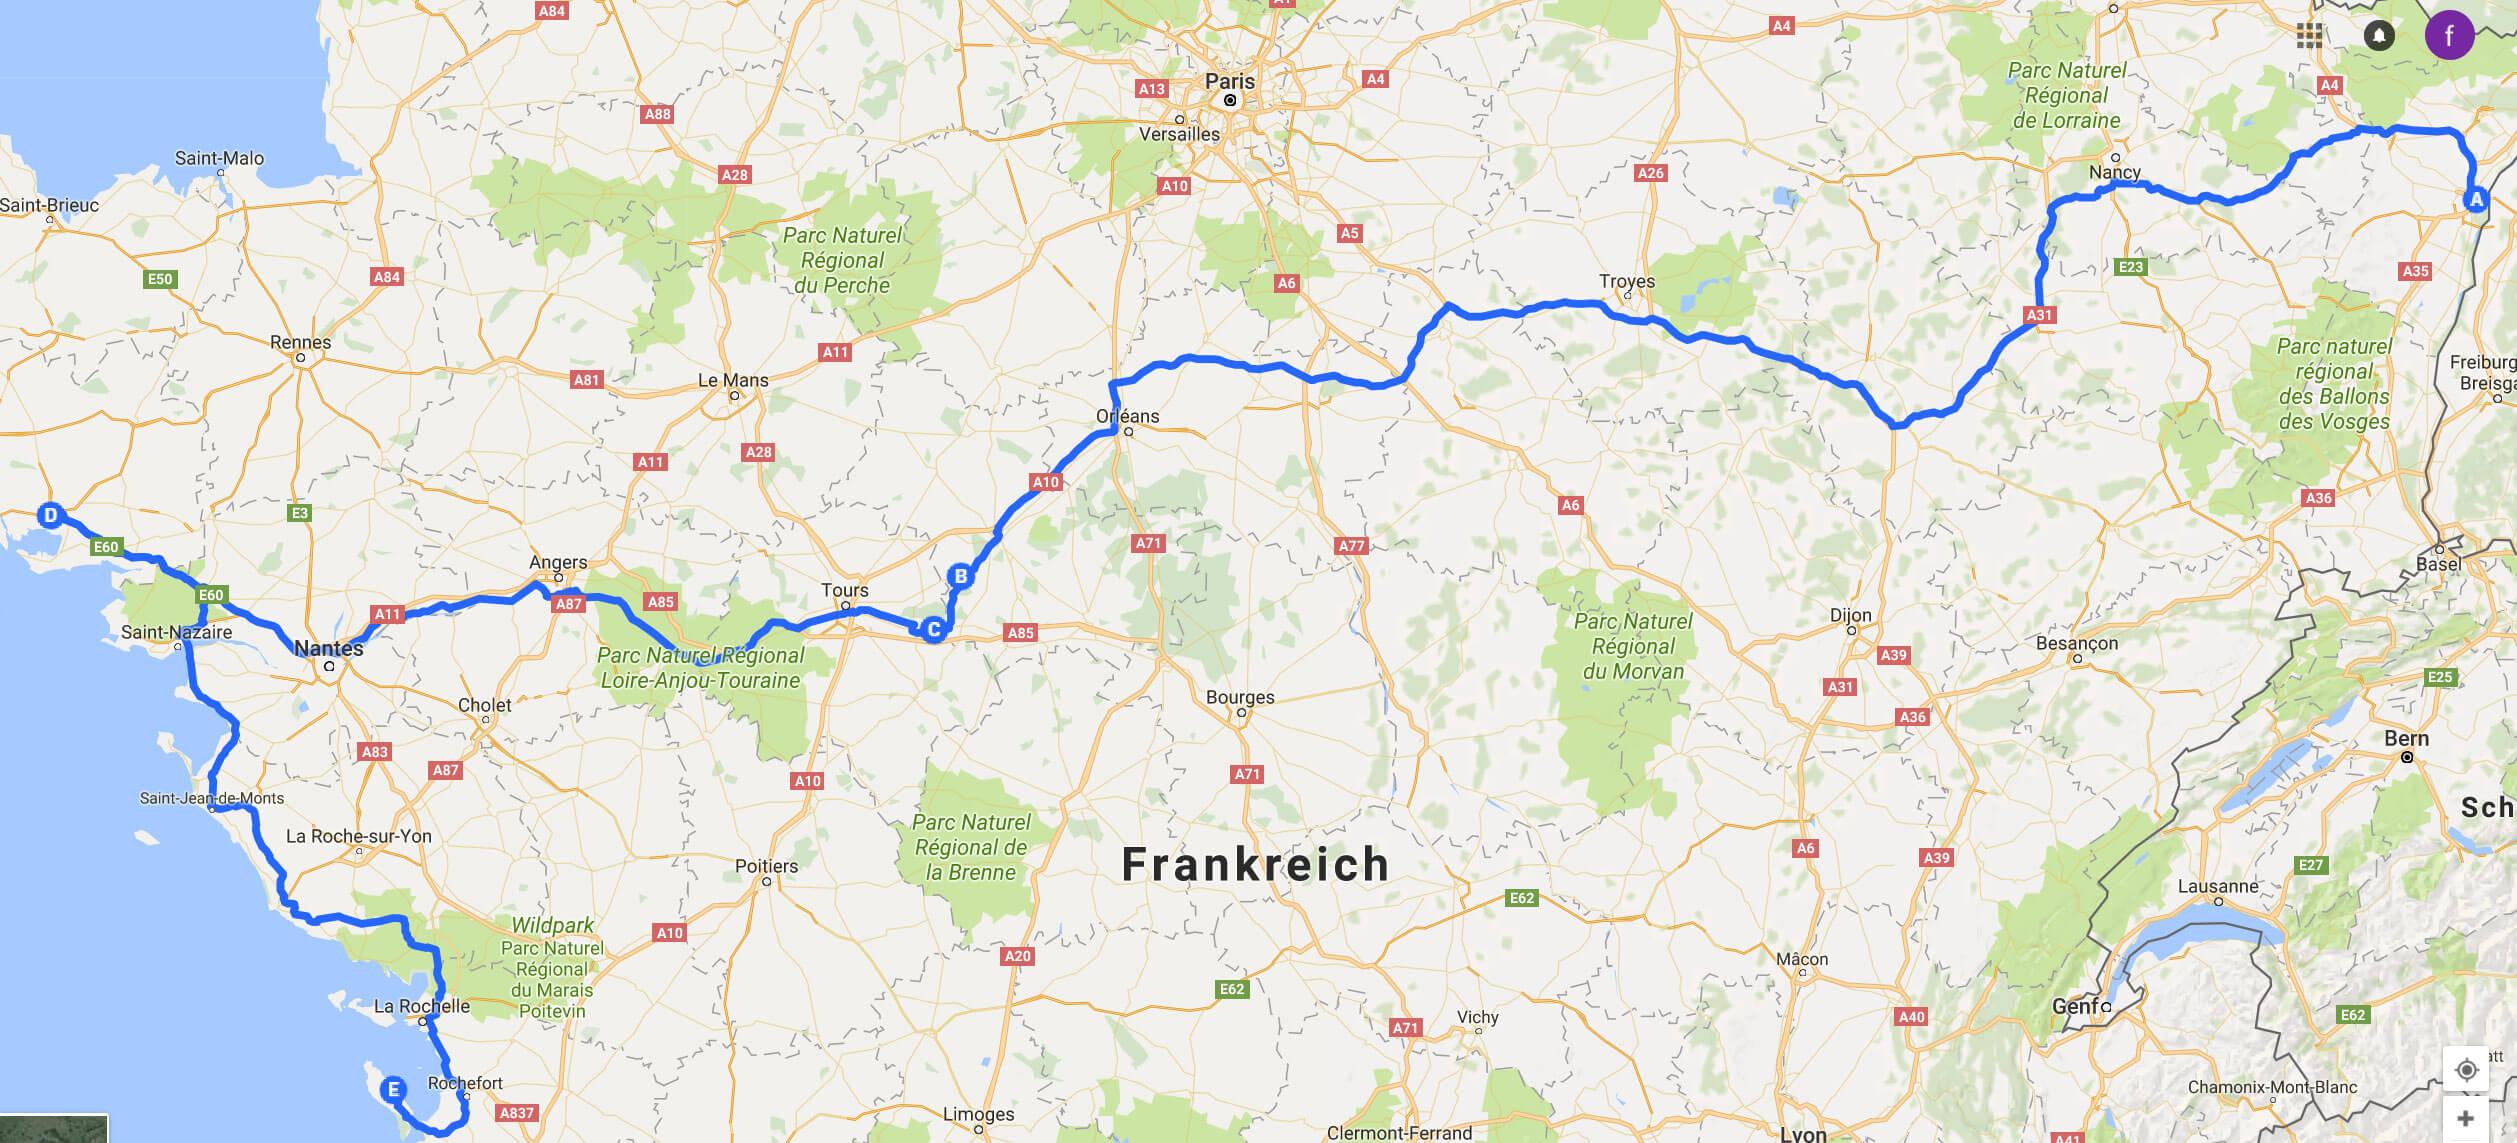 frankreich road trip